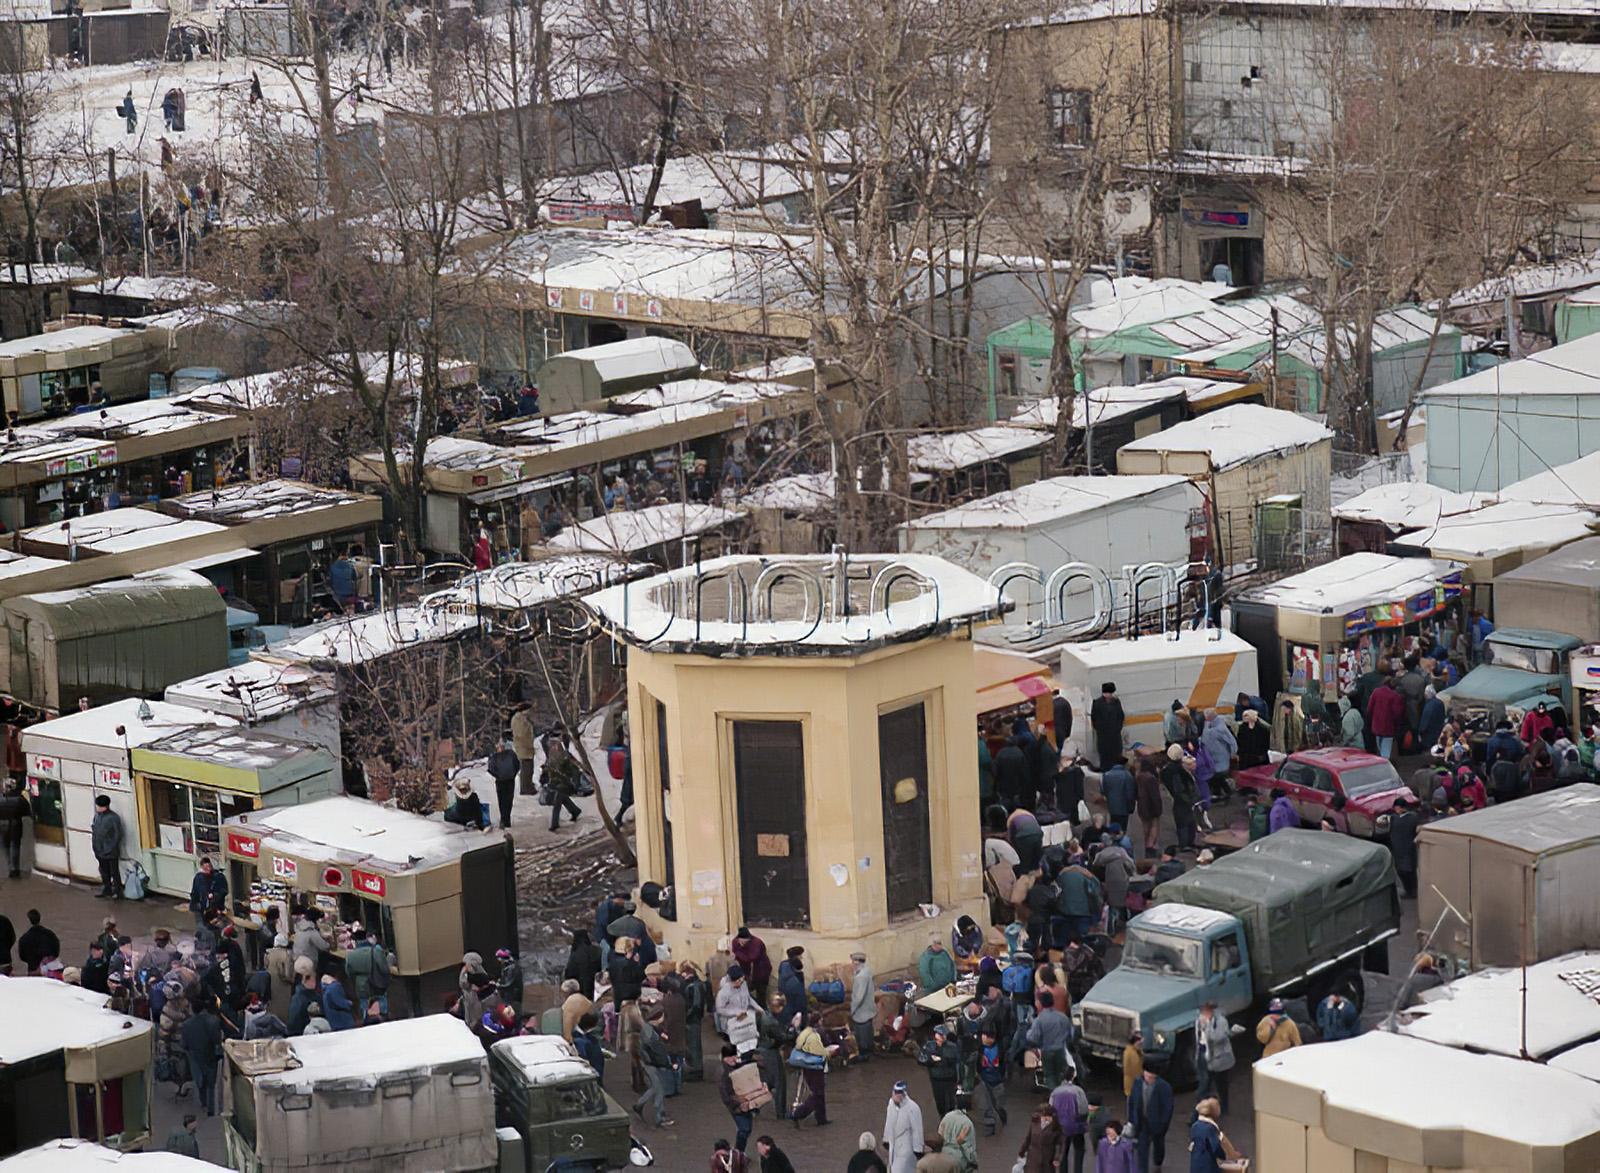 1994 27 января 1994 г. Площадь Киевского вокзала с торговыми палатками. Денисов Роман_cmpk